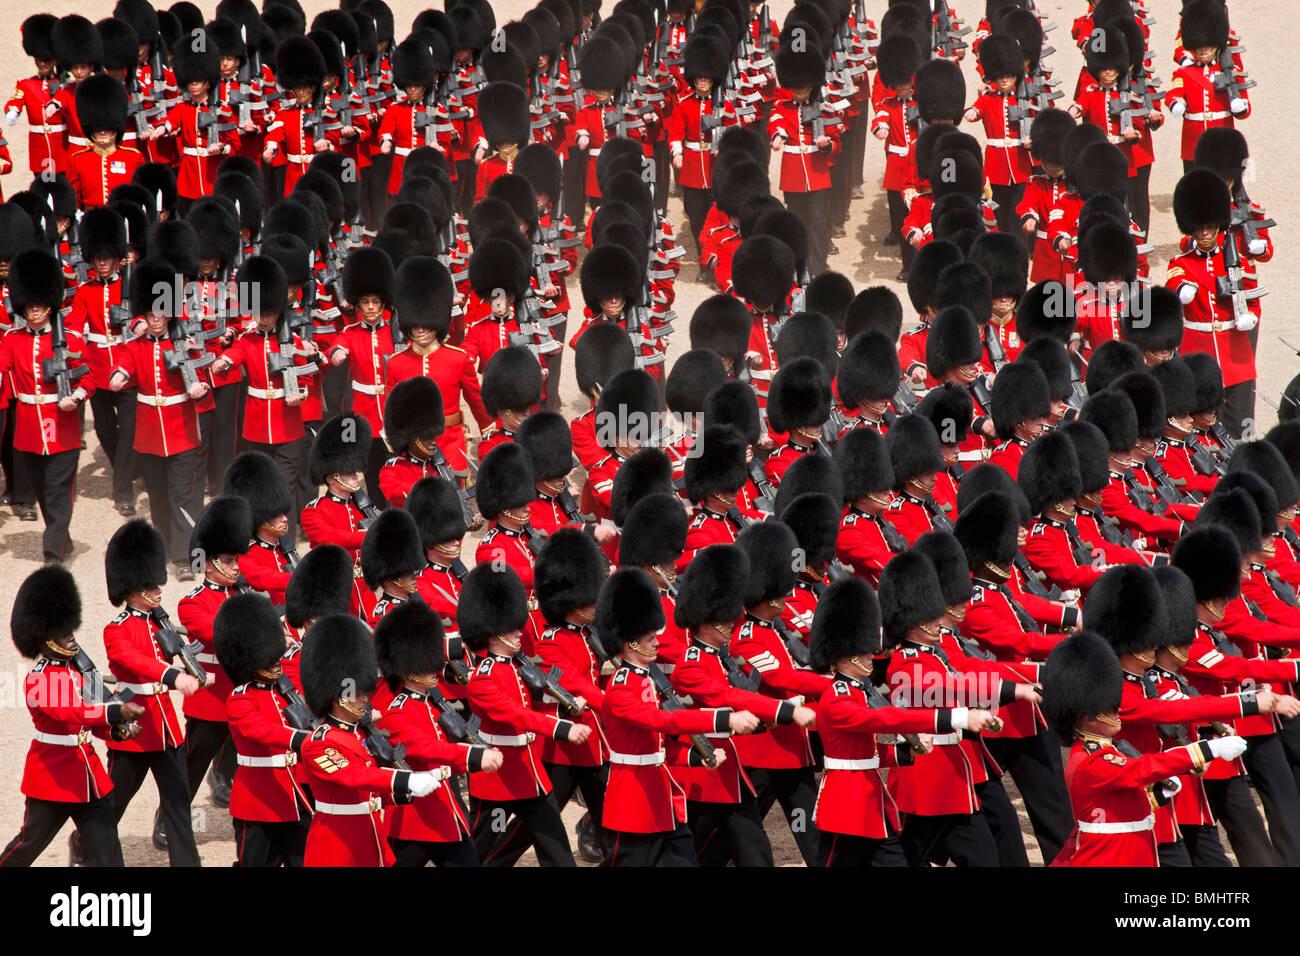 La regina il compleanno Parade, noto anche come il Trooping del colore, si tiene annualmente a Horse Guards Whitehall, Immagini Stock